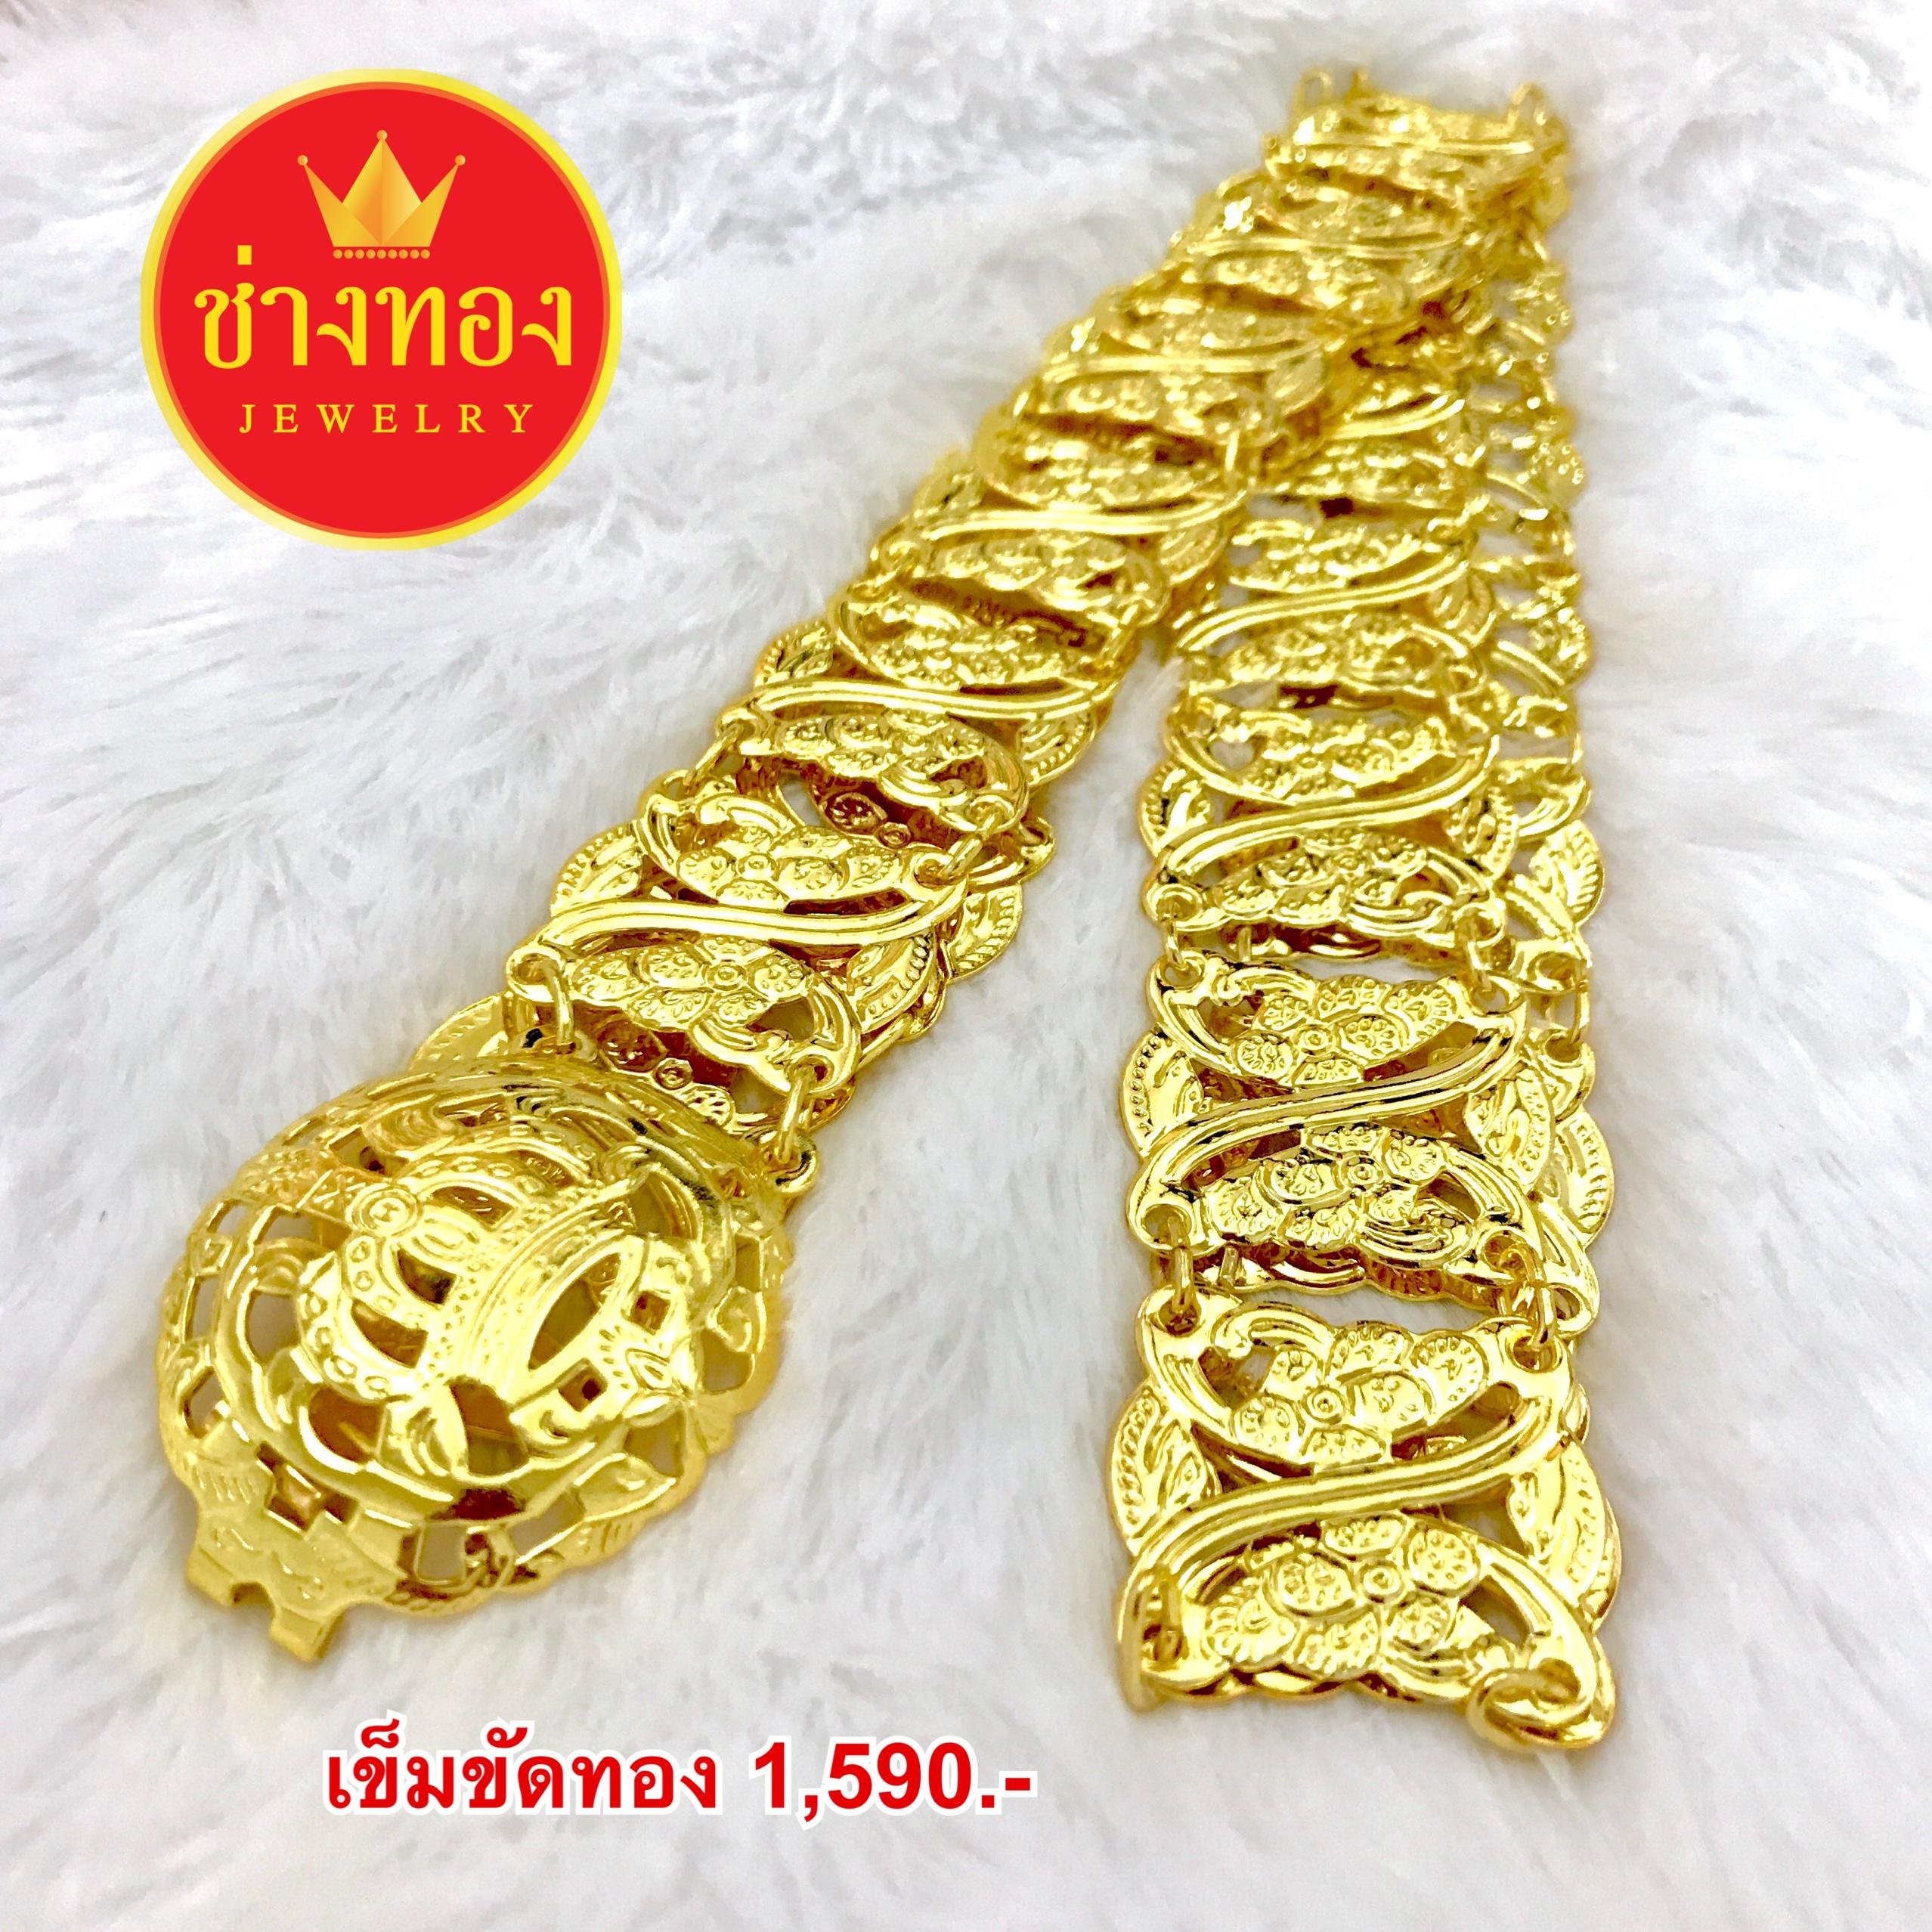 เข็มขัดทองชุบ เครื่องประดับชุดไทย